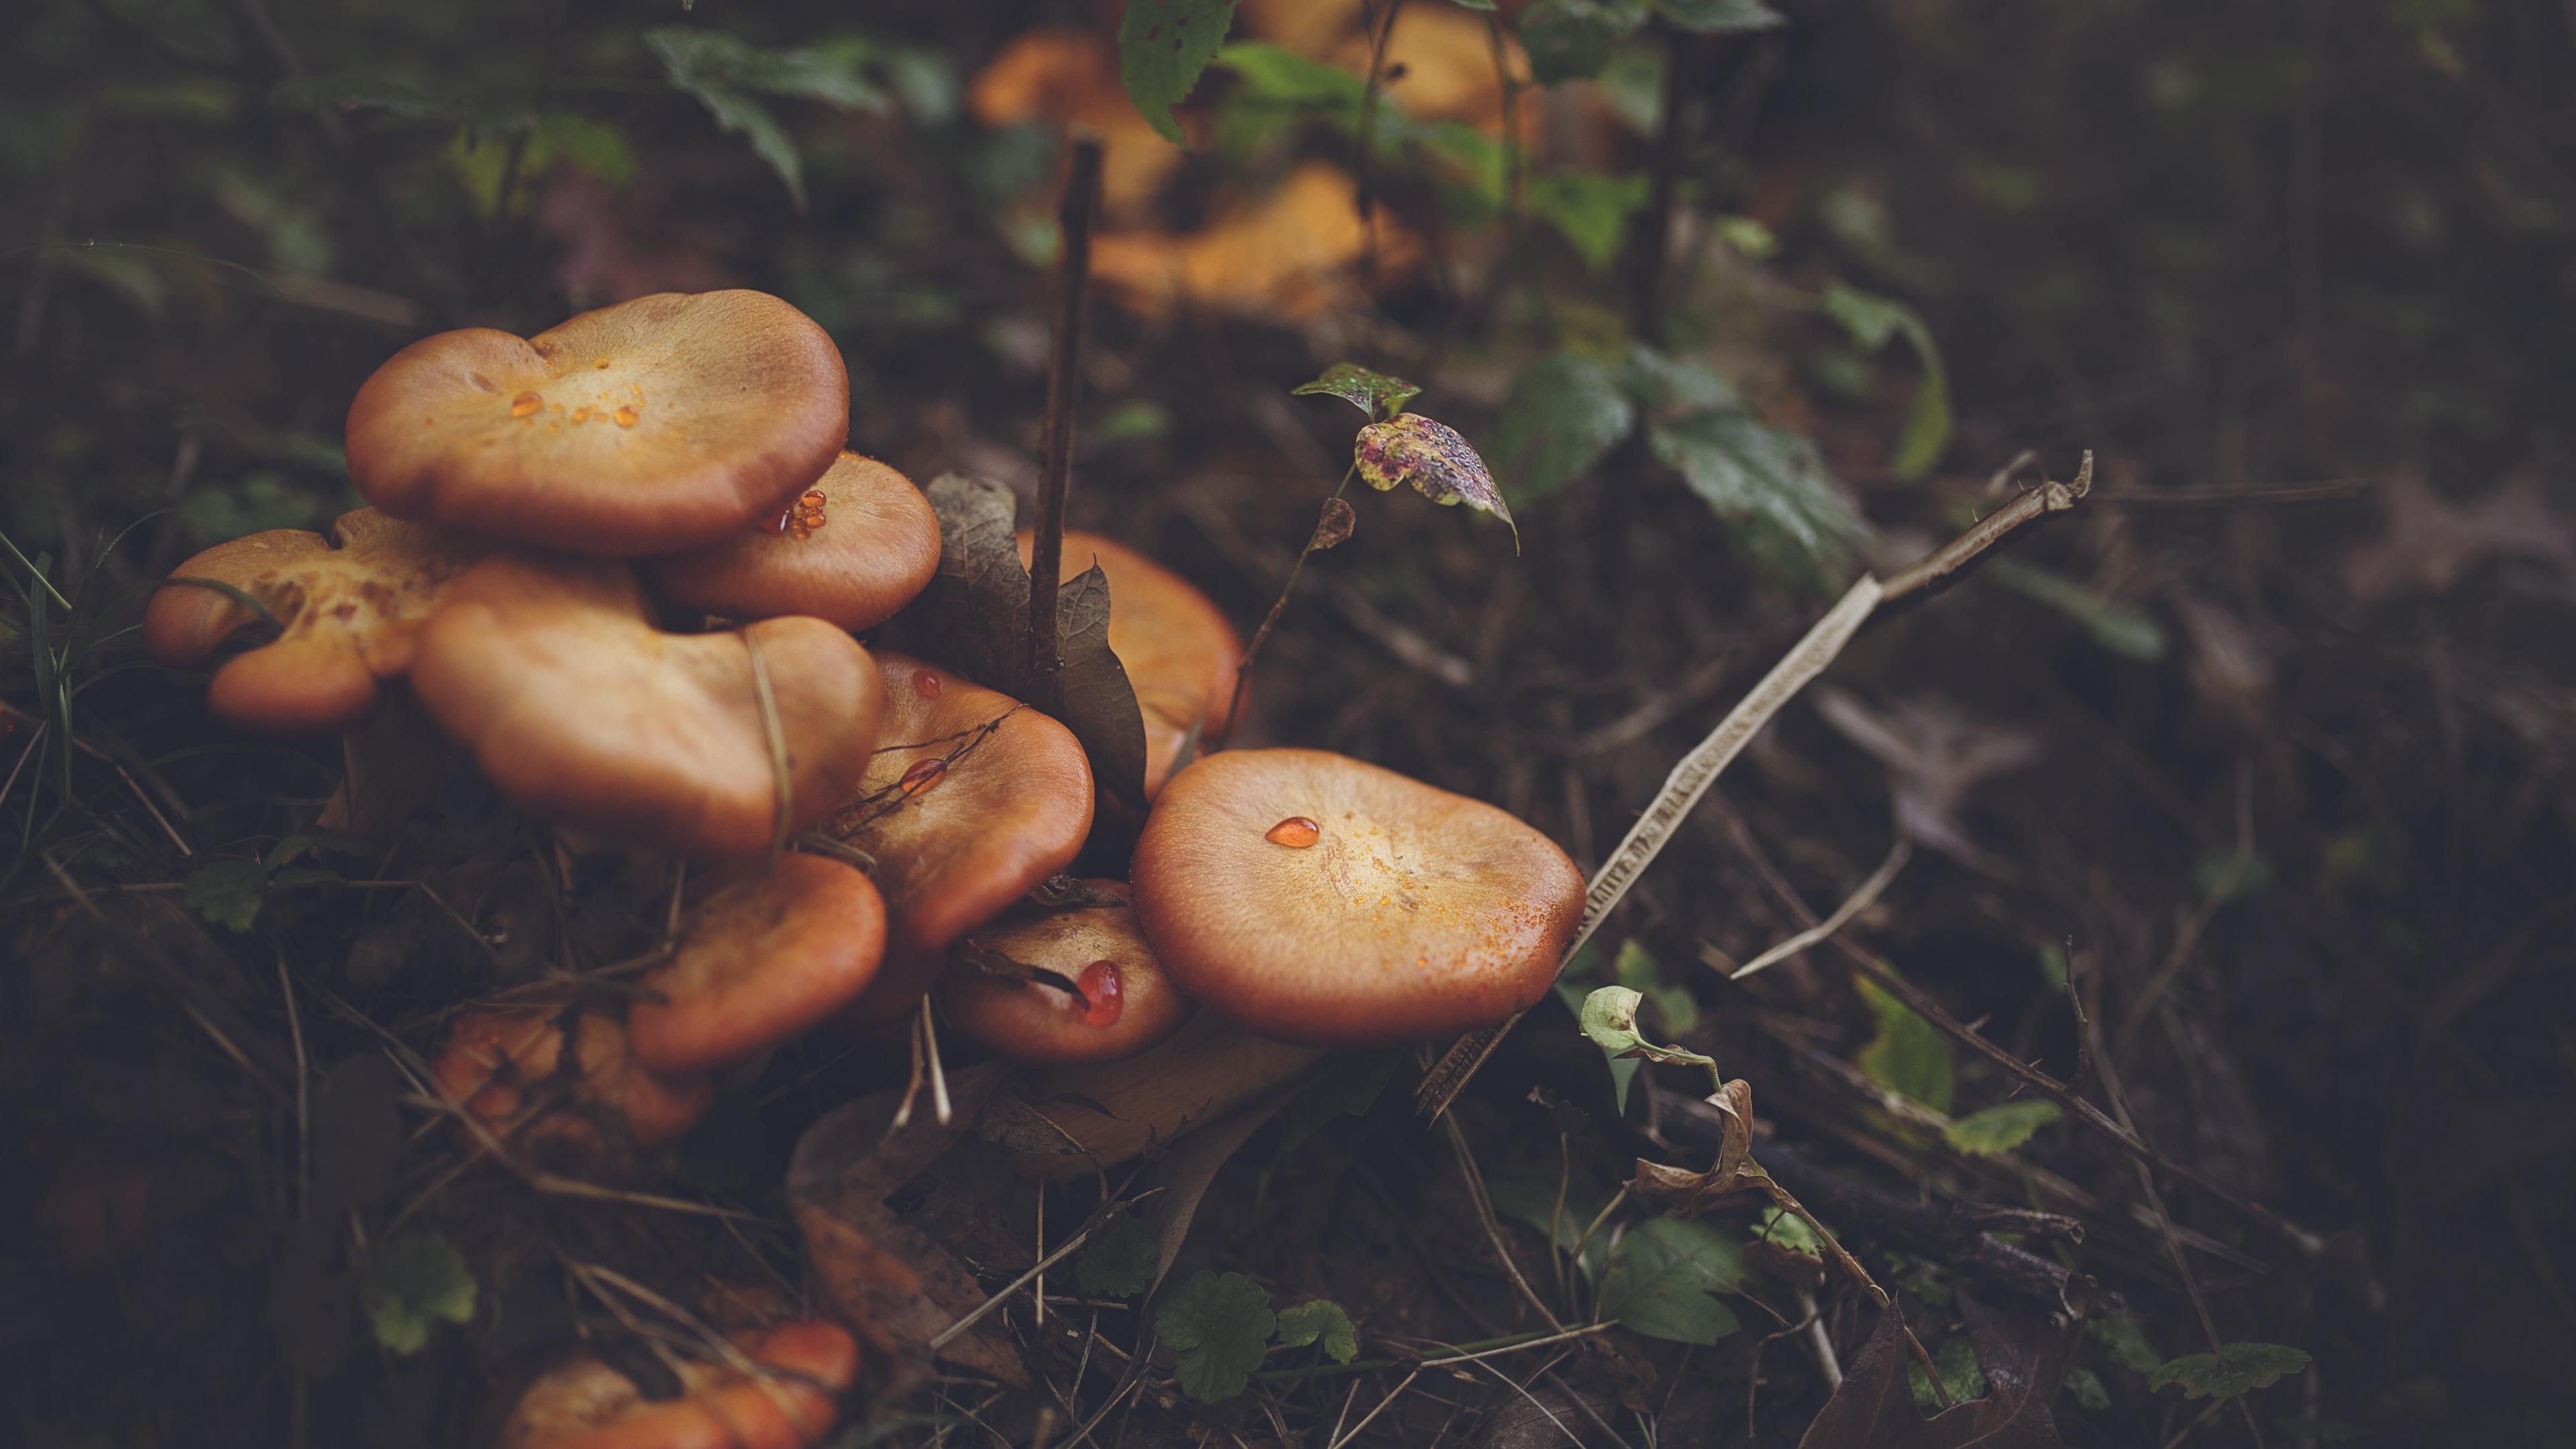 mushrooms leaves grass 4k 1541114691 - mushrooms, leaves, grass 4k - mushrooms, Leaves, Grass